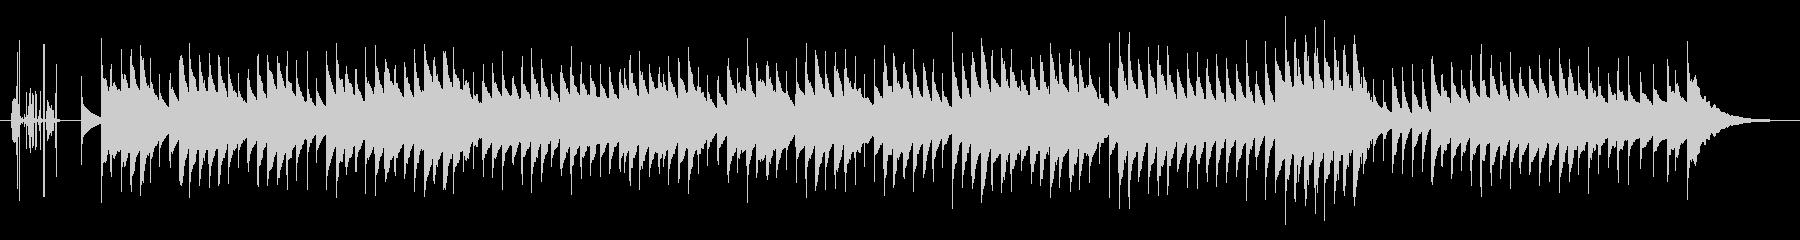 別れの曲オルゴールアレンジの未再生の波形